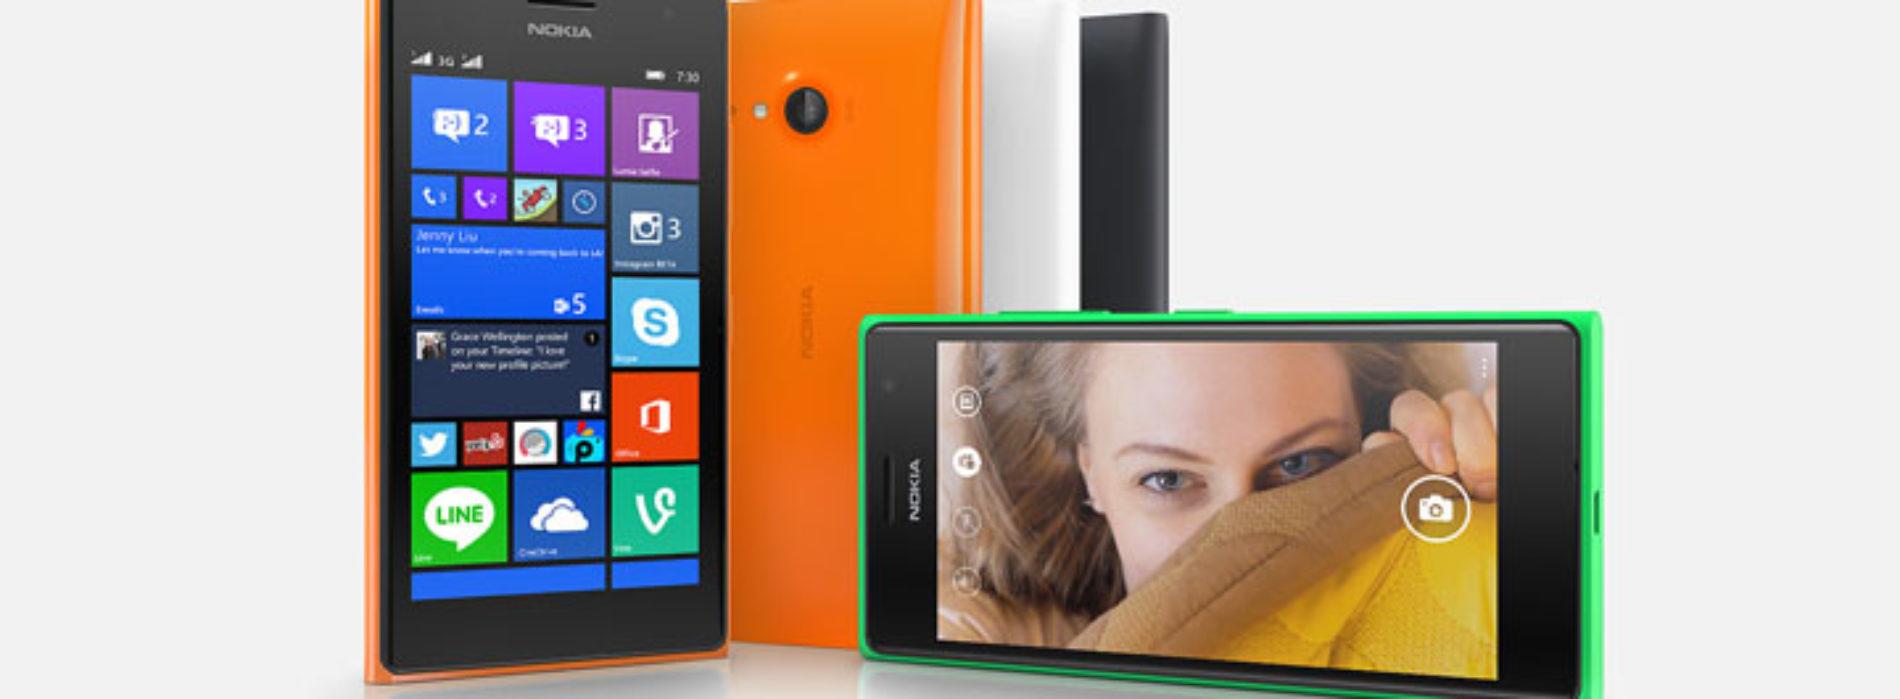 Ремонт мобильных смартфонов Nokia